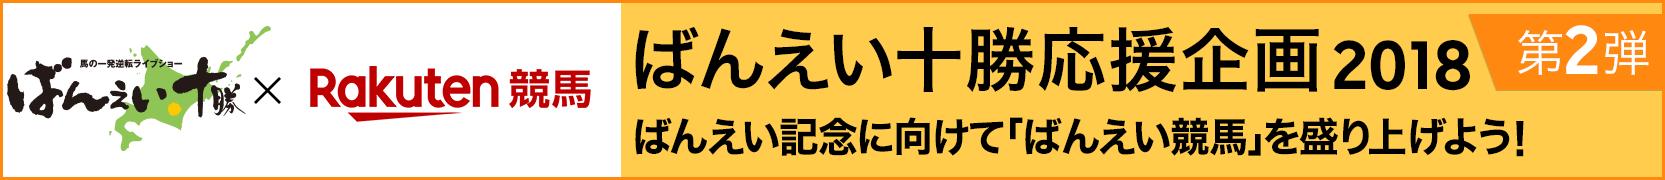 ばんえい十勝応援企画2018第2弾